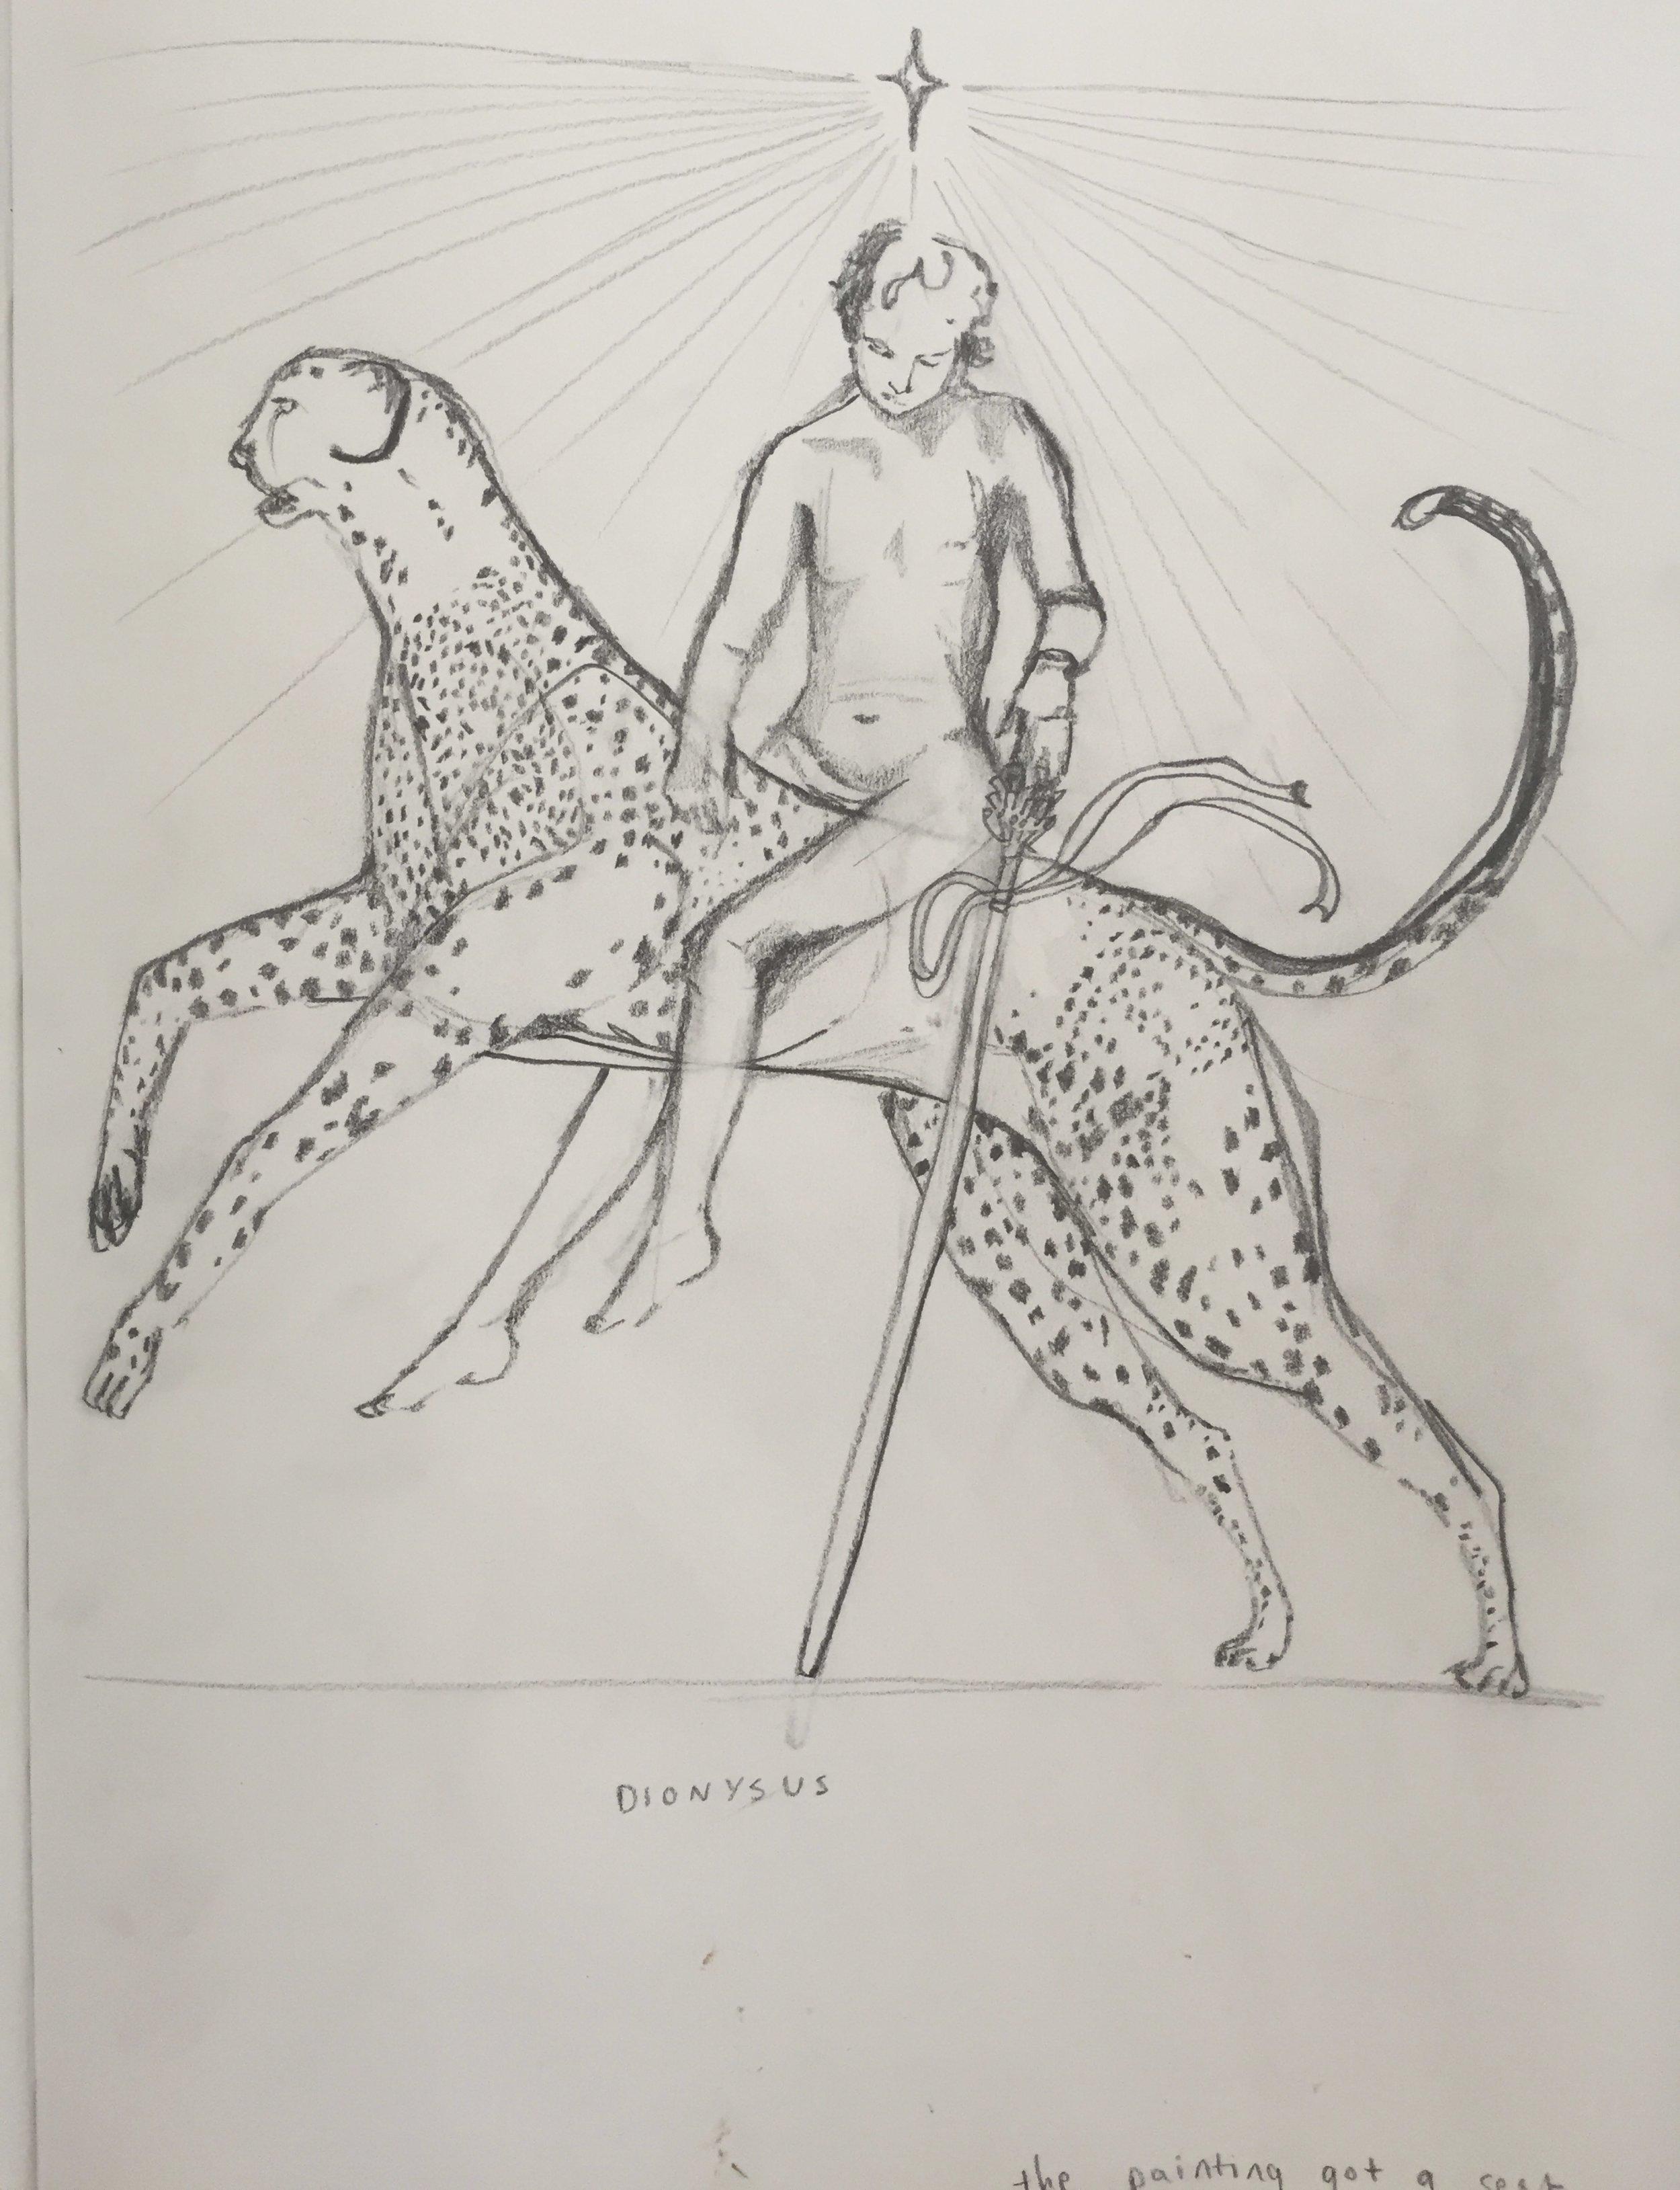 Sketch of Dionysus